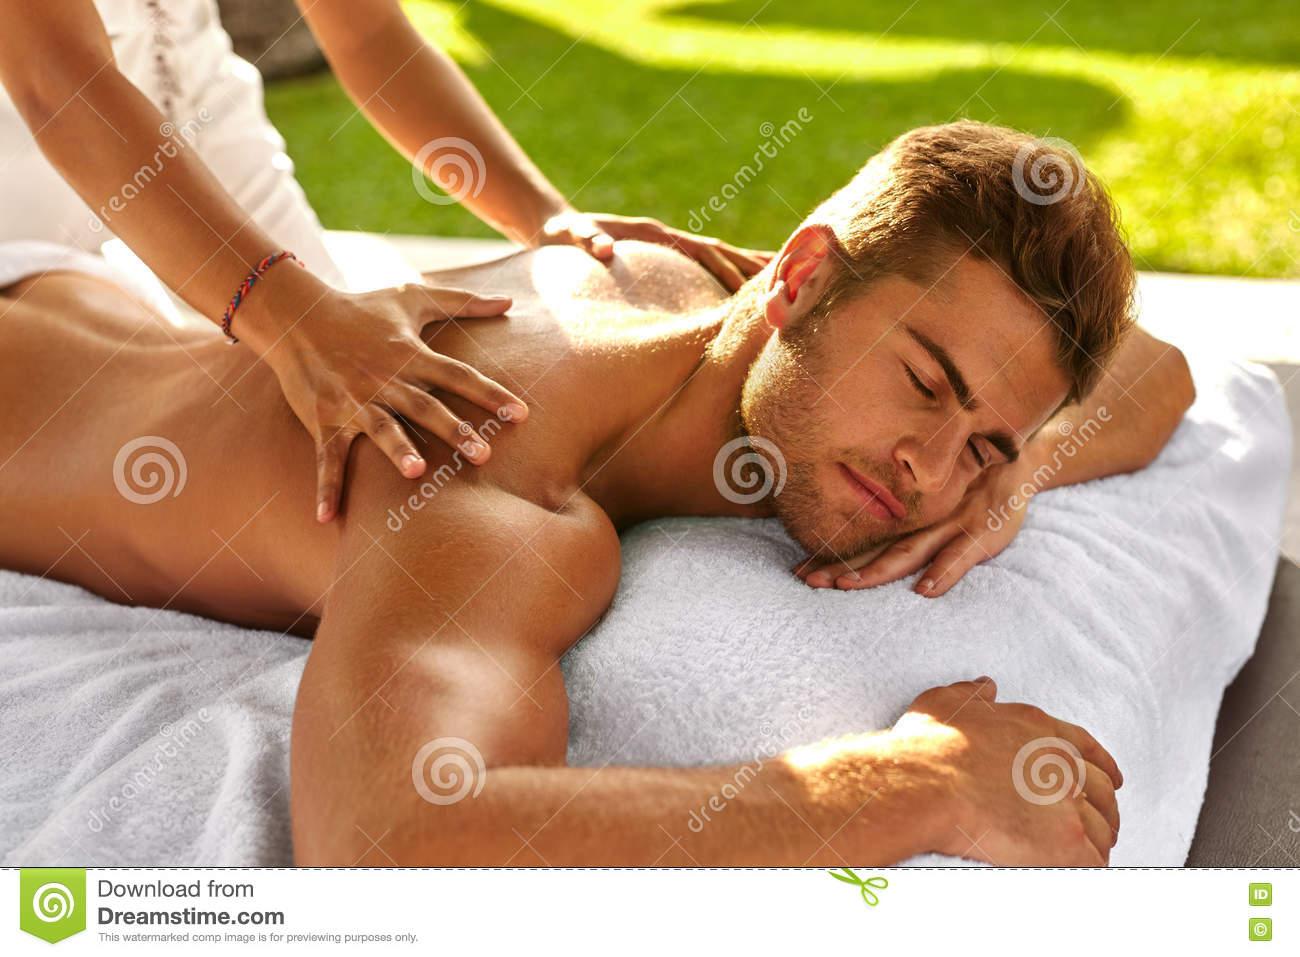 wightasianallure massage